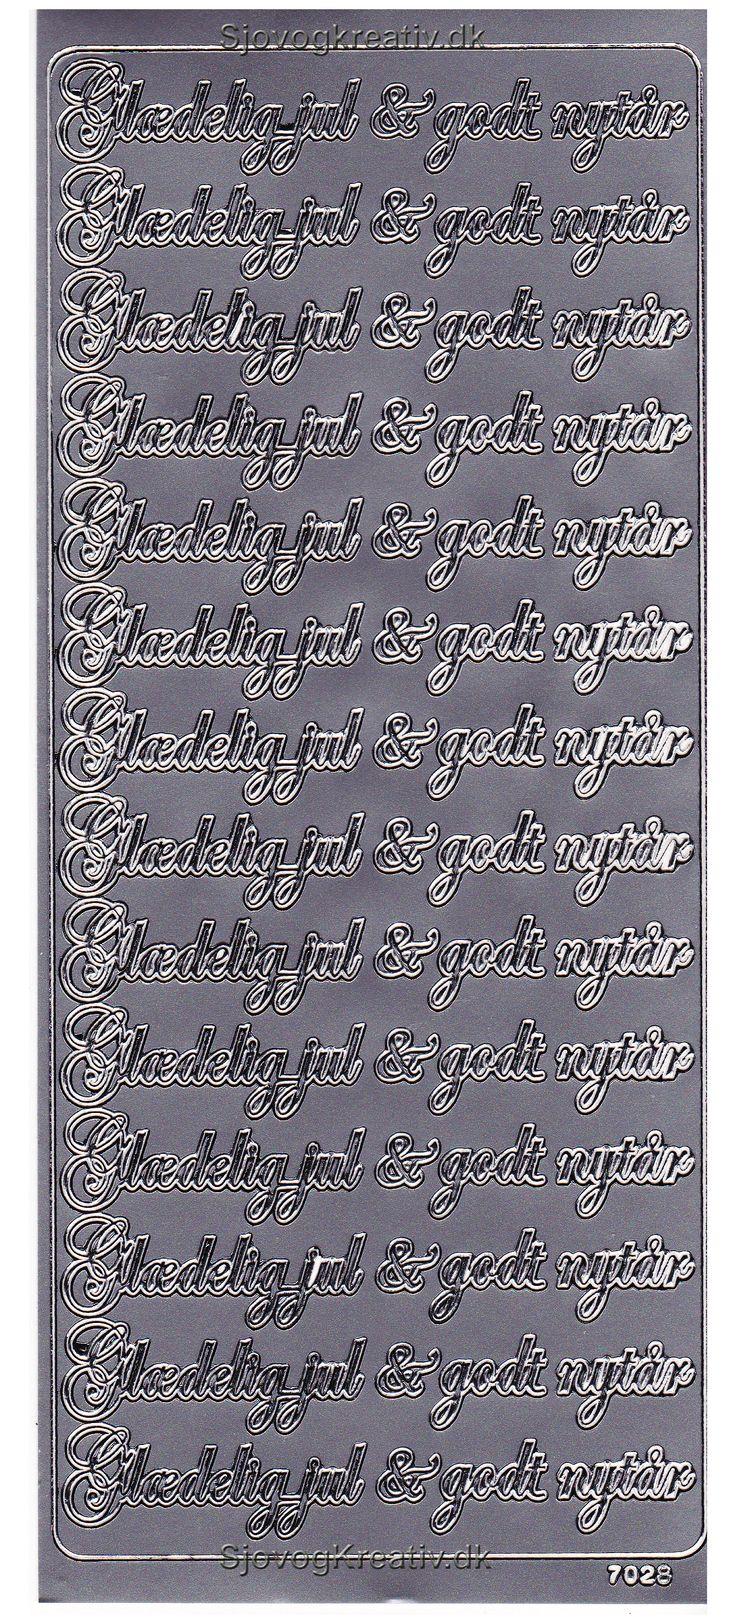 Stickers ark i sølv farve med Glædelig Jul og Godt Nytår fra sjovogkreativ.dk